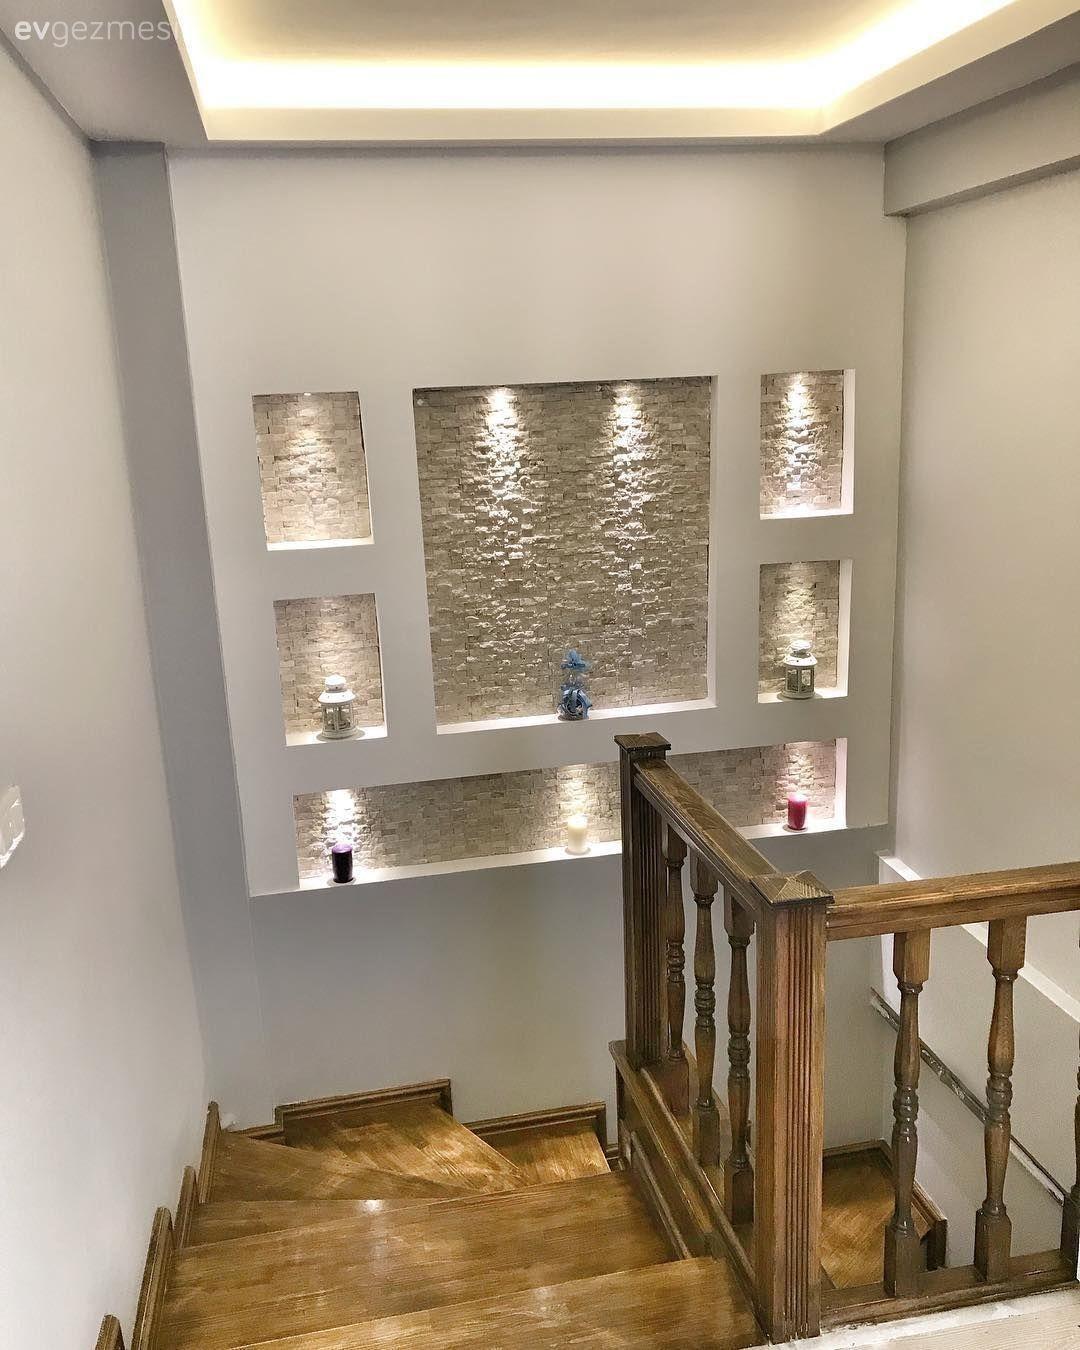 Pin De Monica Lisett Castano Tovar En Giyim Diseno De Interiores De Bano Decoracion De Escaleras Interiores Nichos De Pared